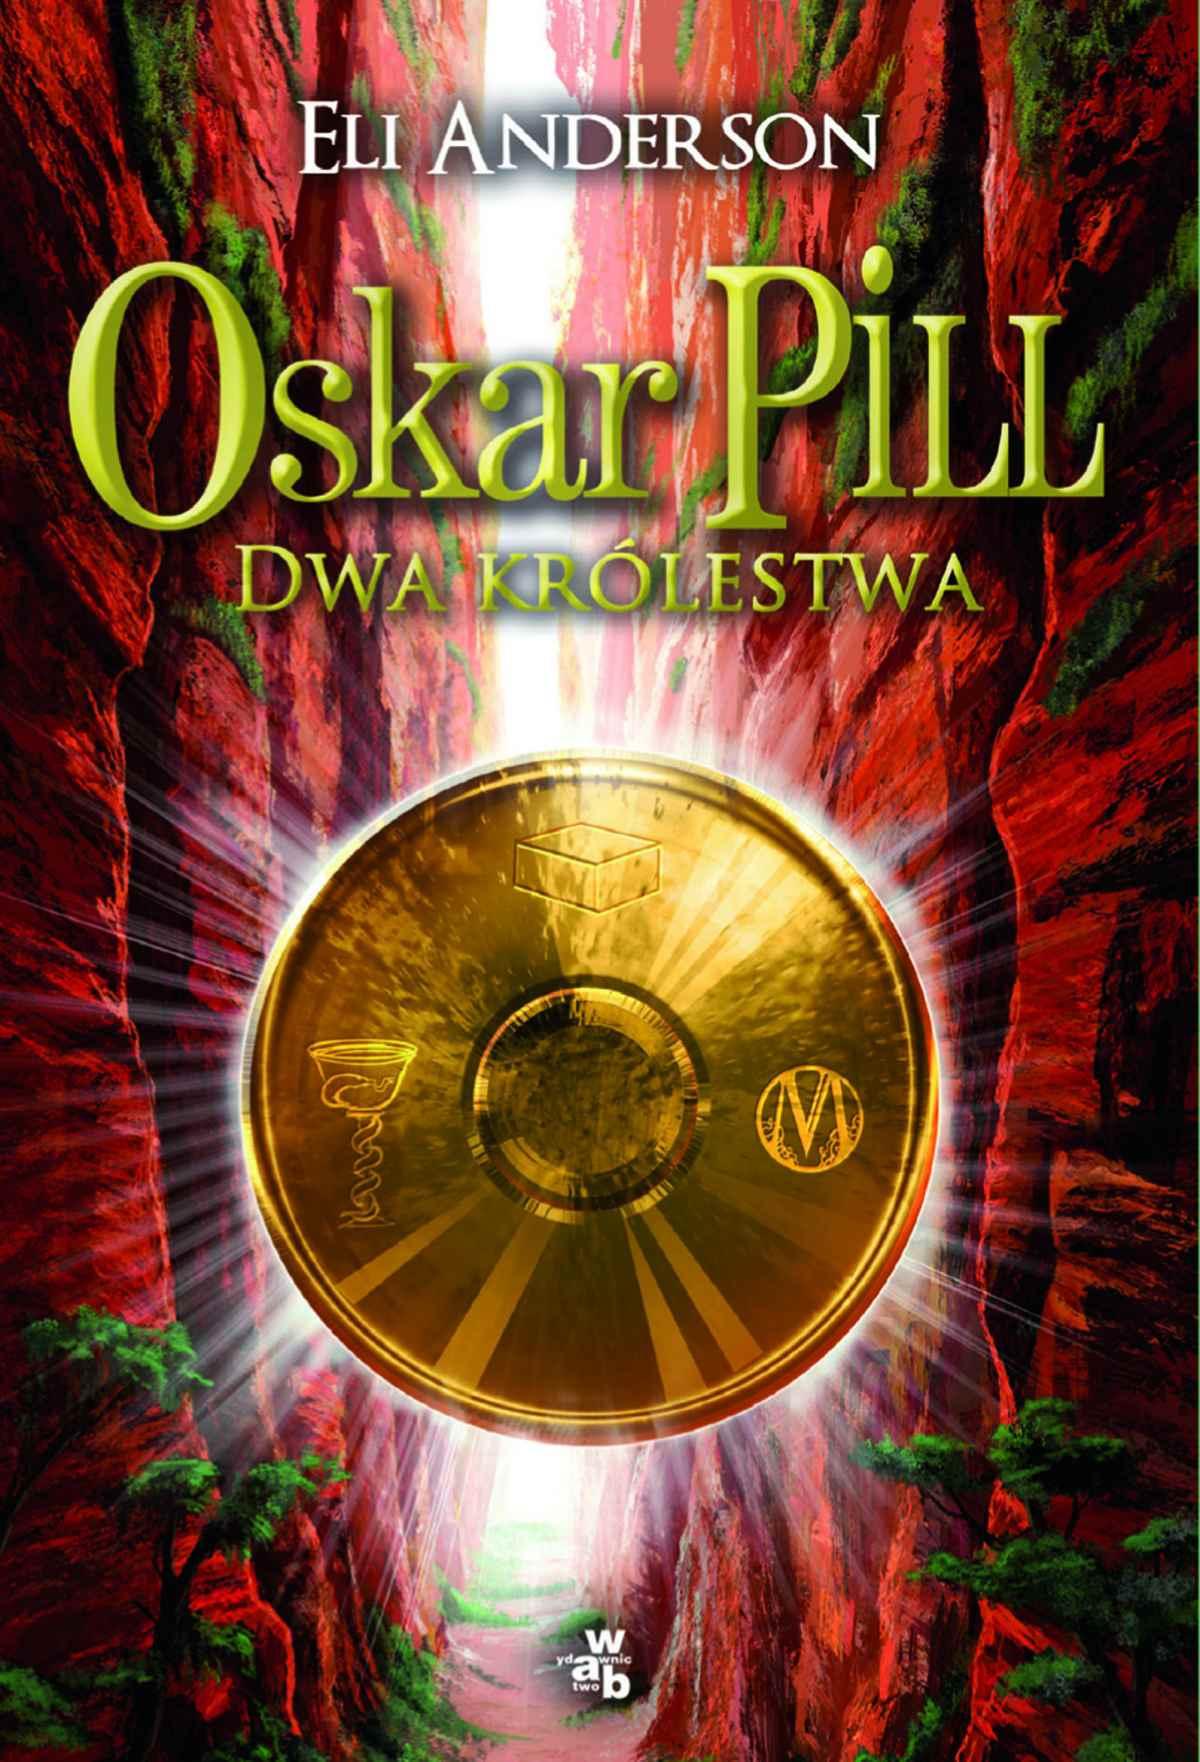 Oskar Pill. Dwa królestwa - Ebook (Książka na Kindle) do pobrania w formacie MOBI